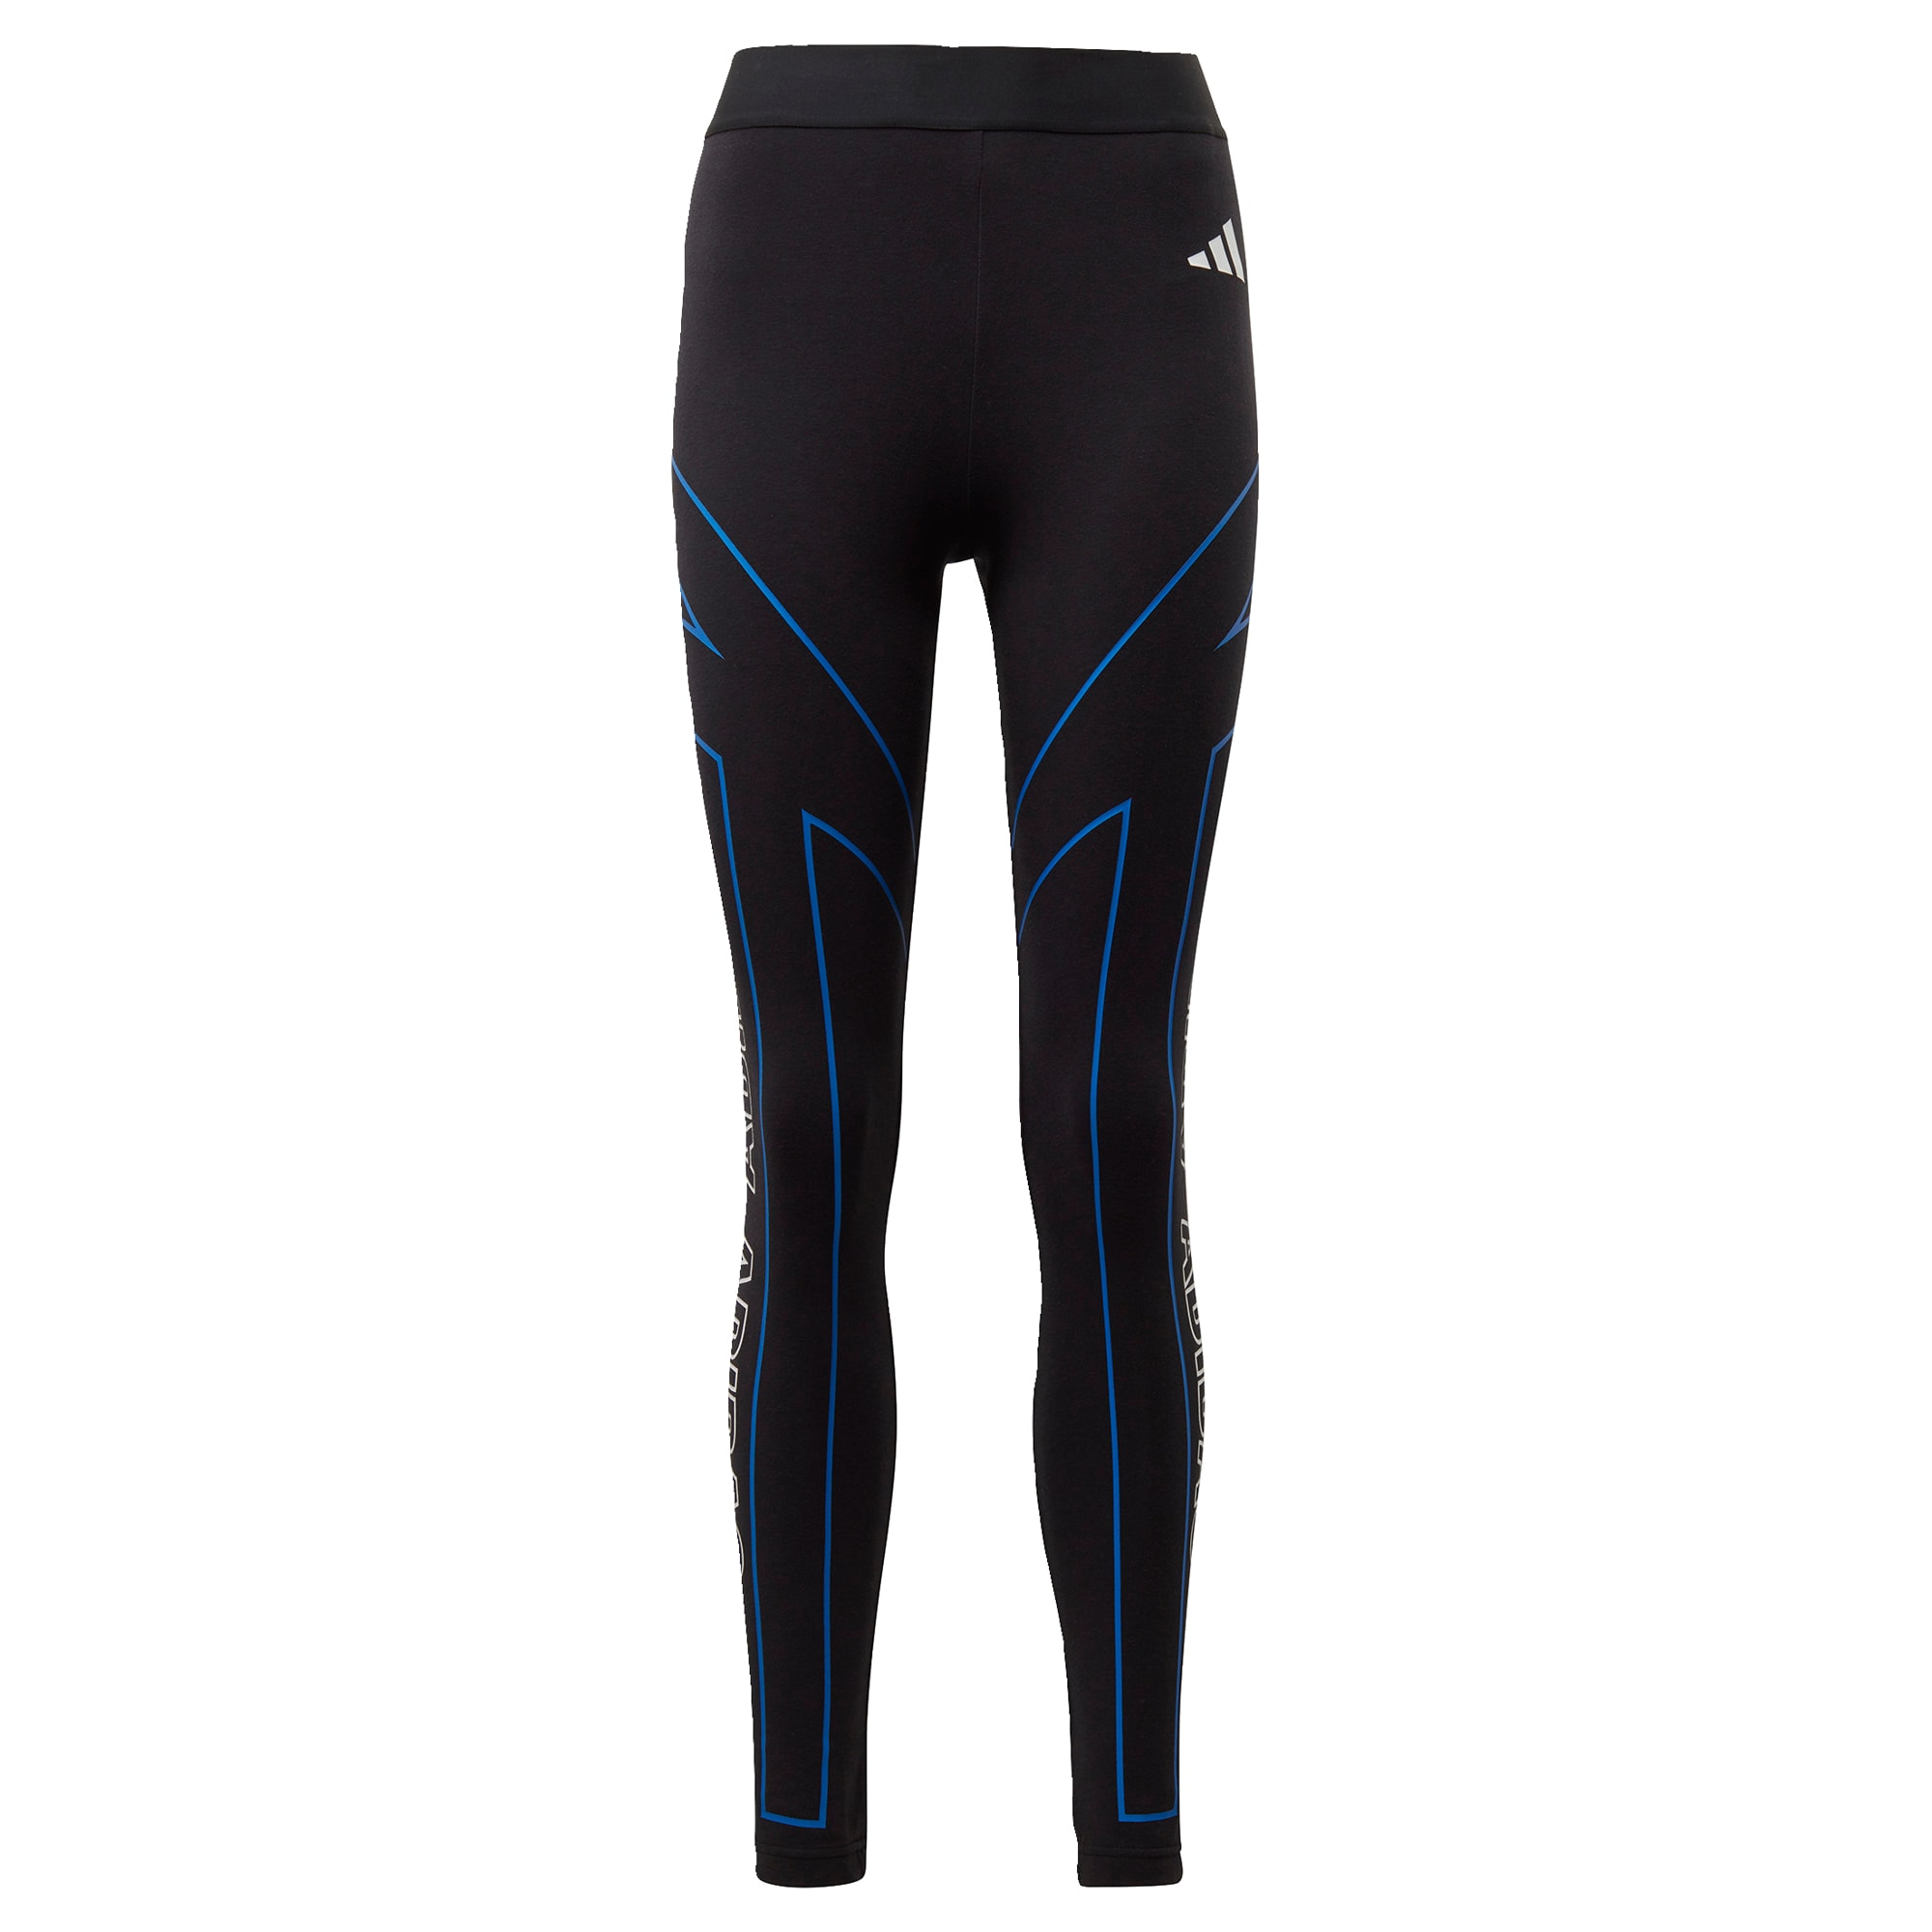 ADIDAS PERFORMANCE Sportinės kelnės 'W Graphic Tight' juoda